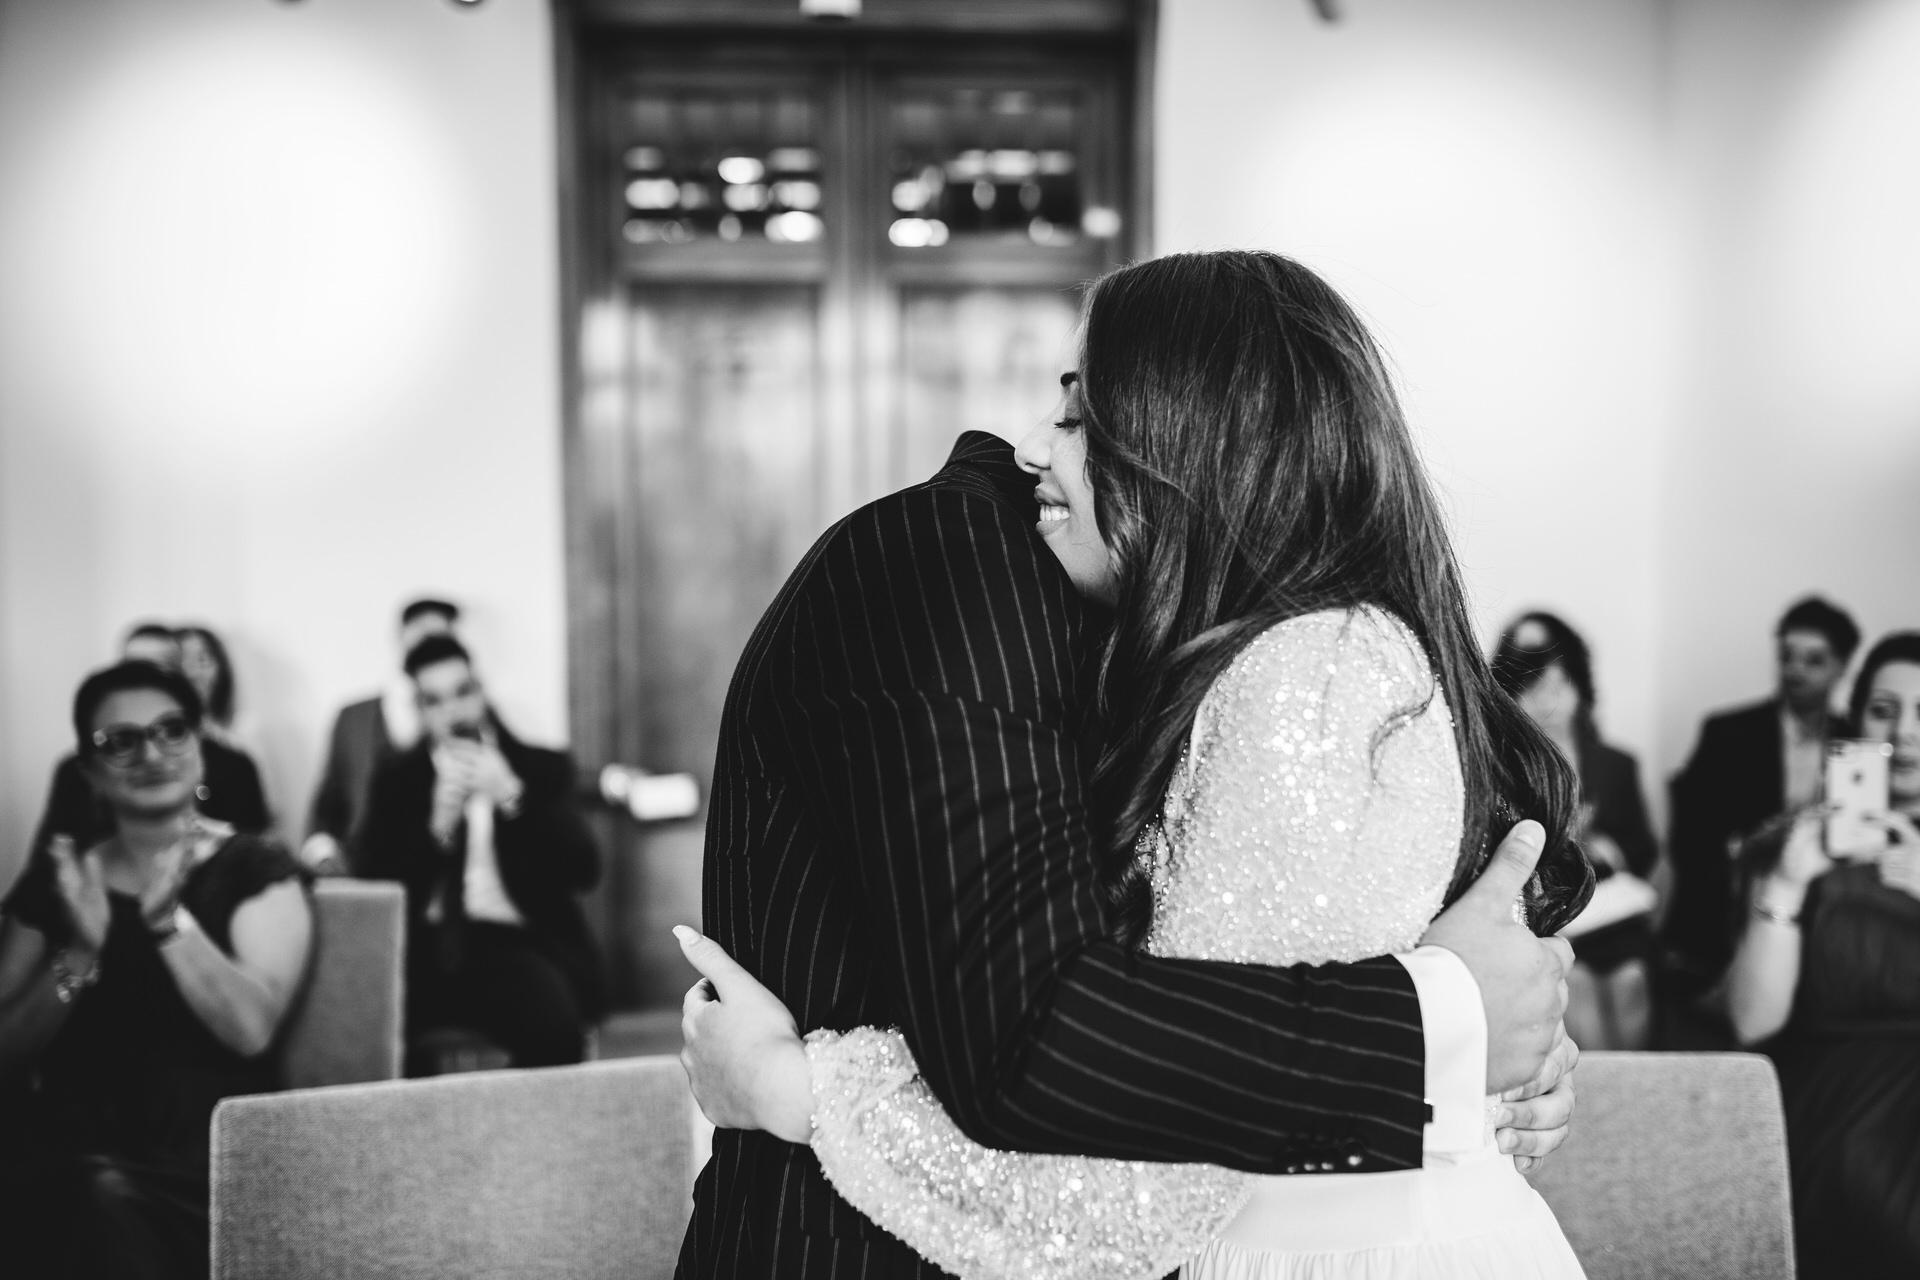 Wollishofen Port, Seestrasse Villa, Zürich, Switzerland Elopement Photo | The bride and groom embrace tenderly in a ceremony hug